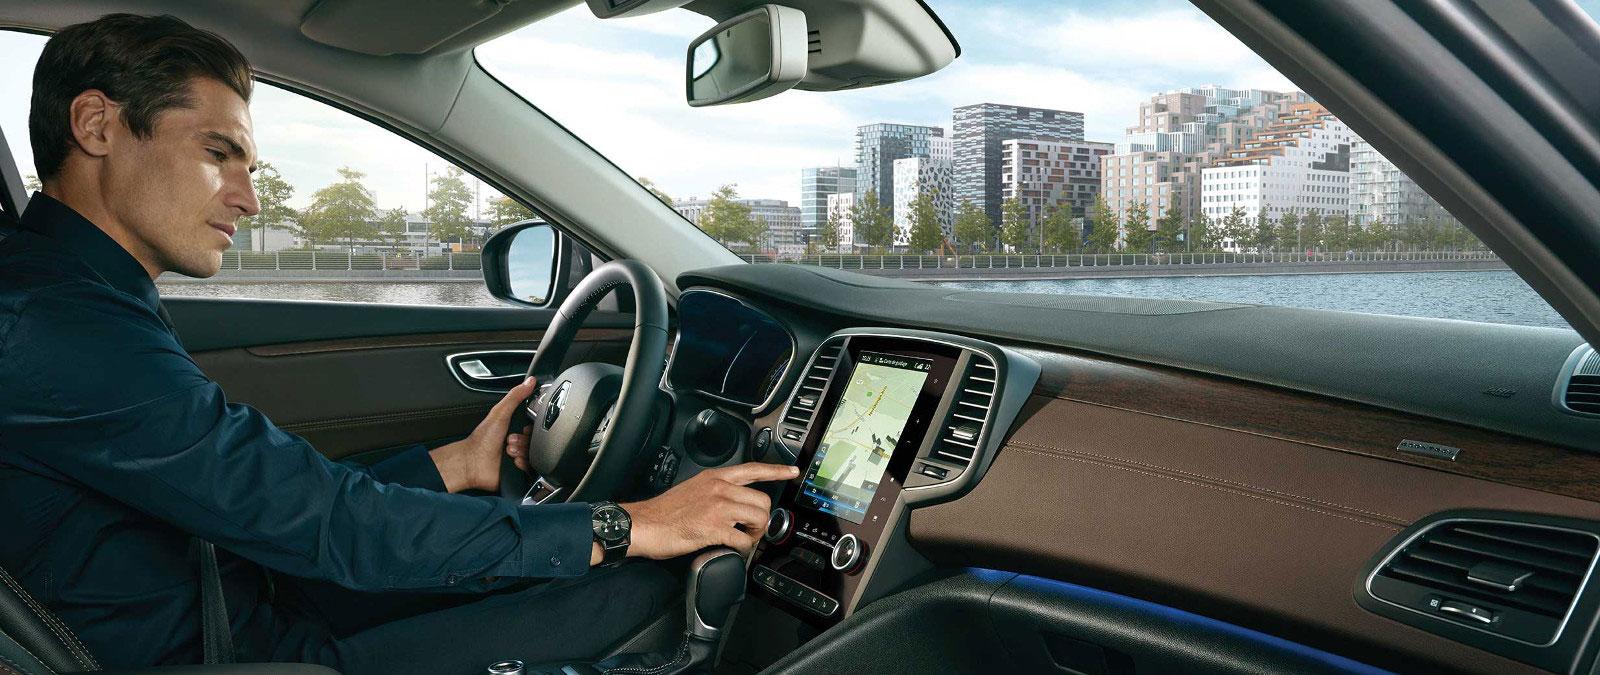 Homme dans véhicule Renault - utilisation du système rlink2